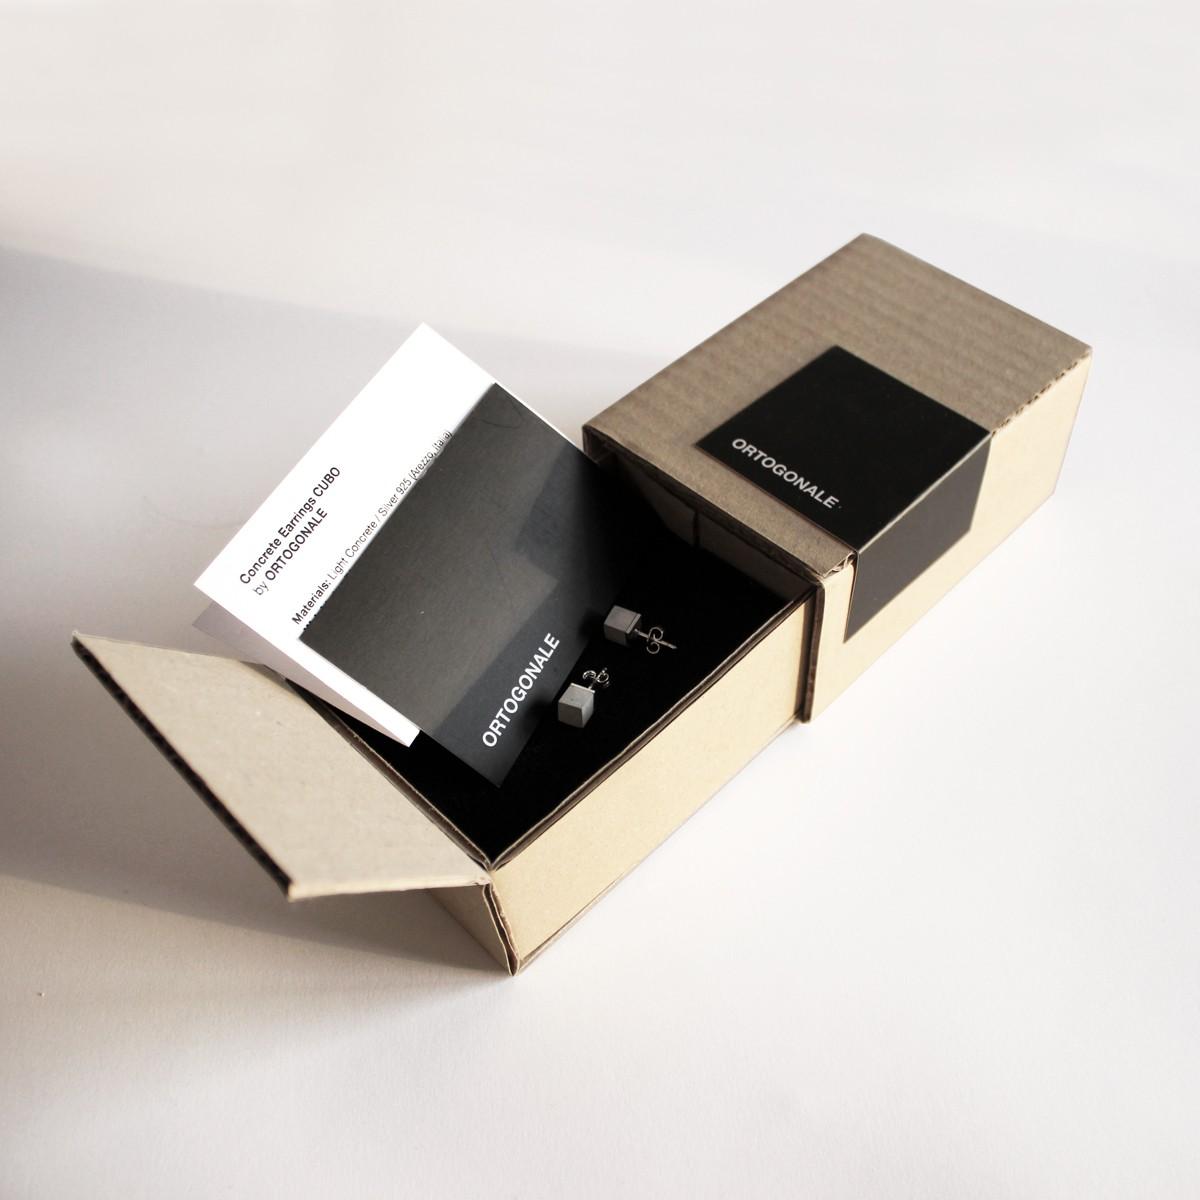 Beton Ohrstecker CUBO, Beton und Silber, Beton Schmuck, moderner und minimalisticher Schmuck, Geschenk für Architektin, Kollektion aus Beton